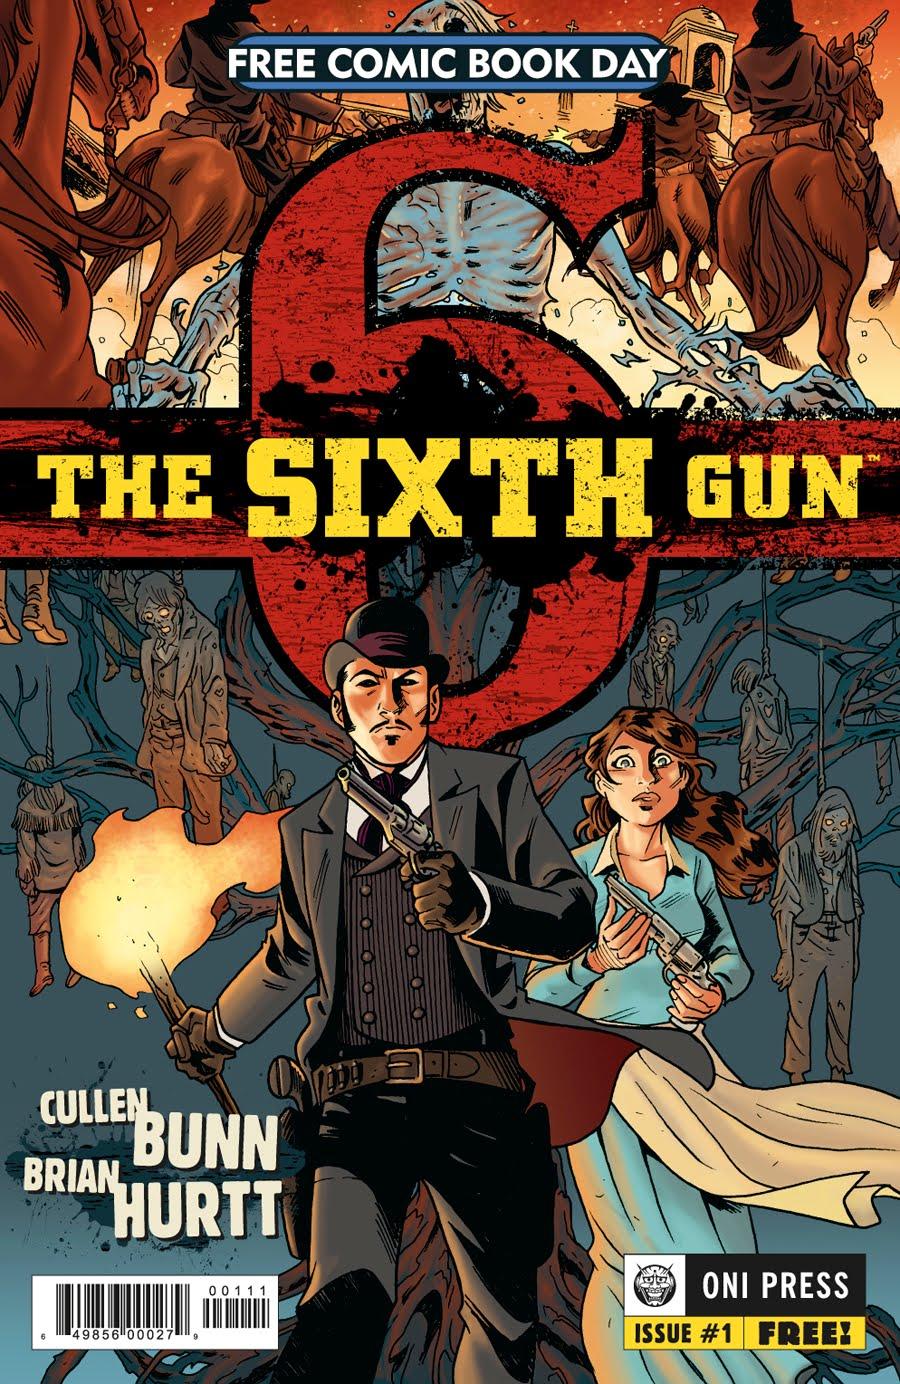 6th Gun